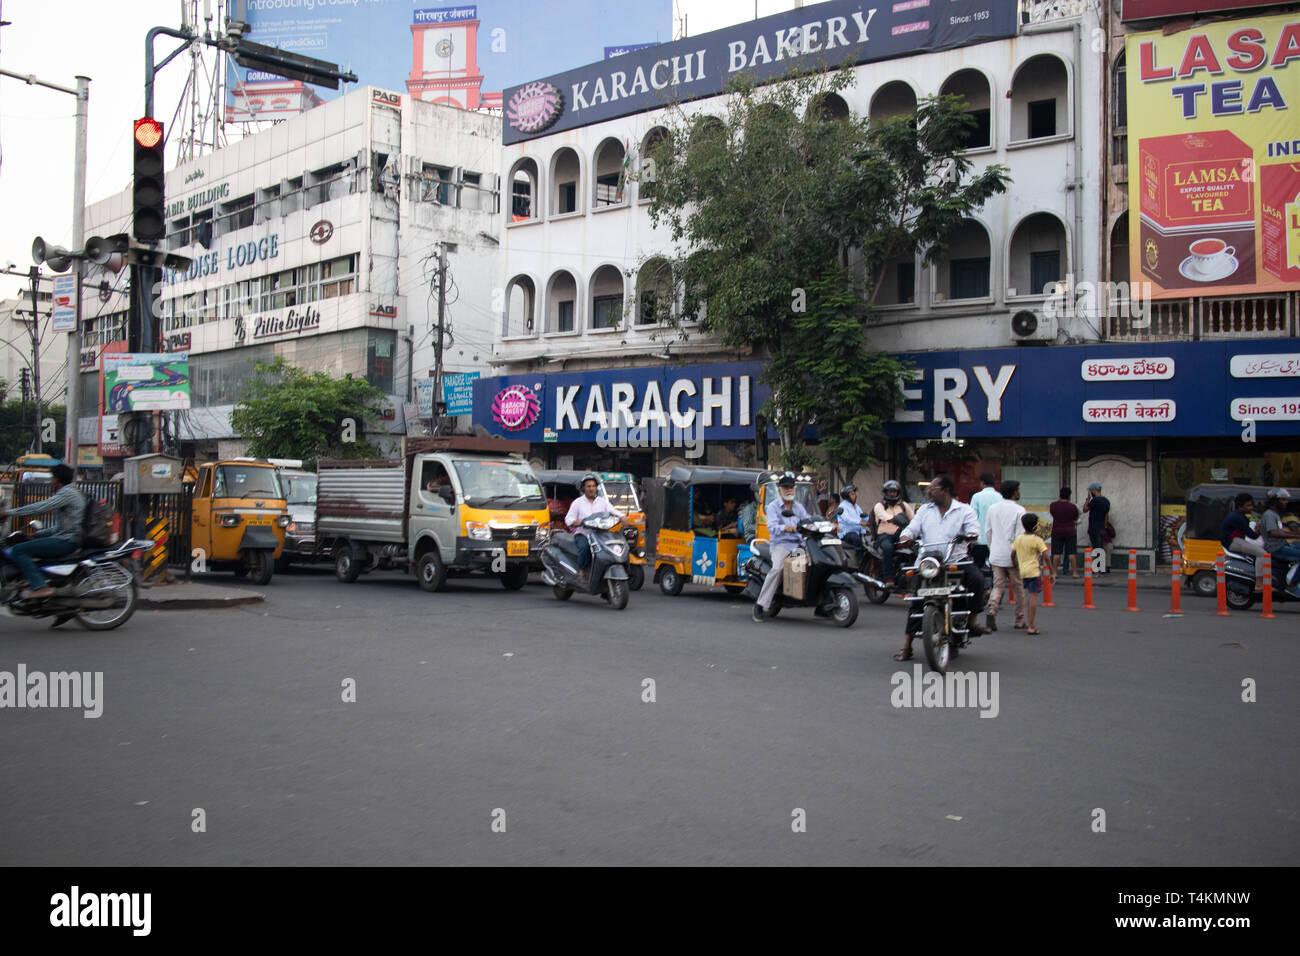 risalente a Karachi posti rambler.ru sito di incontri